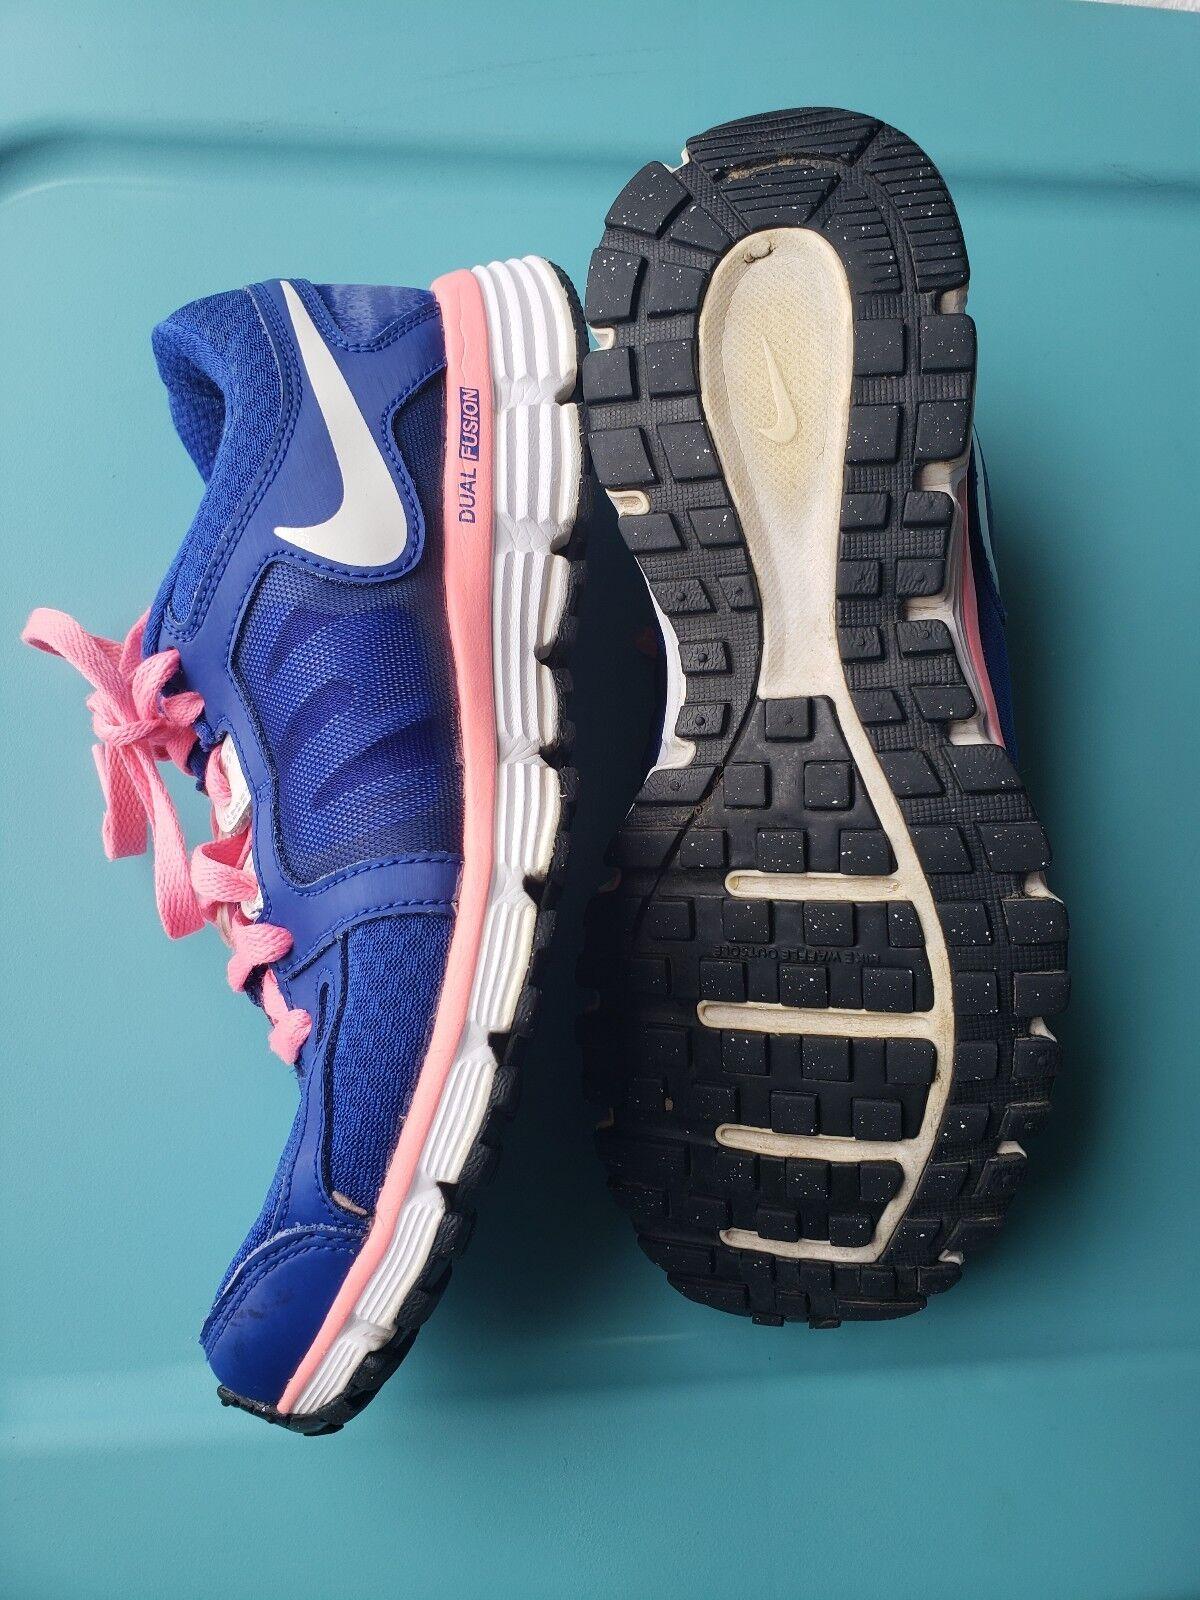 nike doppia fusione blu / rosa in scarpe scarpe scarpe da ginnastica sz - 8 | Molte varietà  | Nuovo Arrivo  | Scolaro/Ragazze Scarpa  2d1d1b